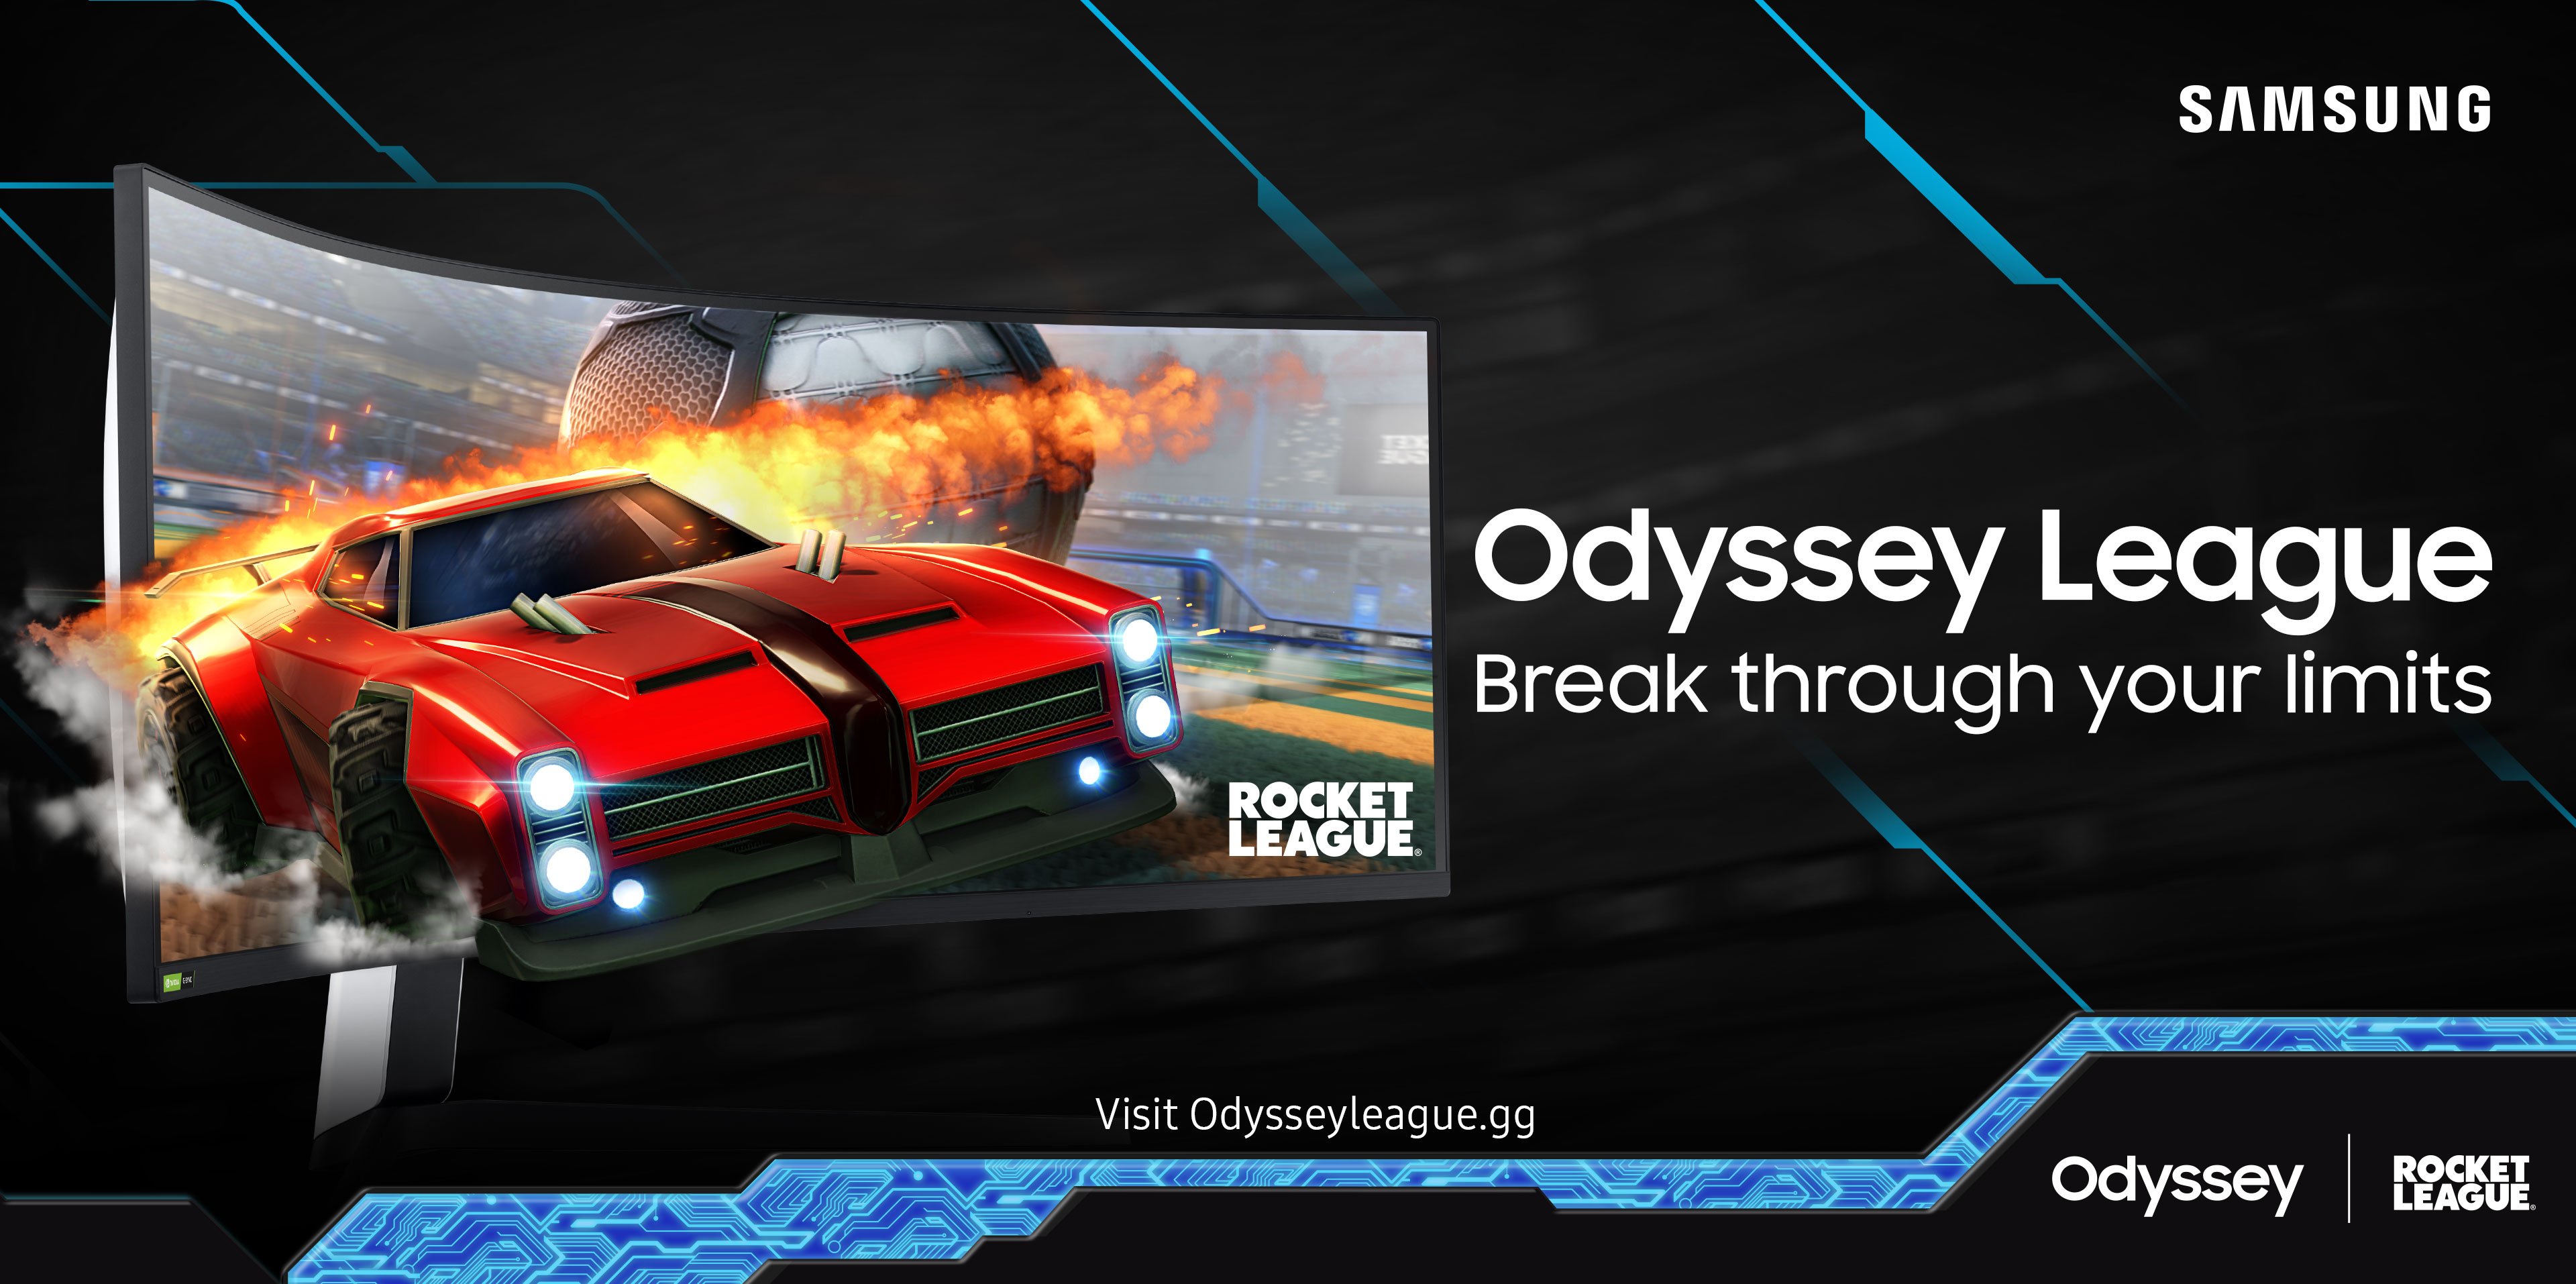 Samsung Odyssey League powraca – tym razem w ramach gry Rocket League